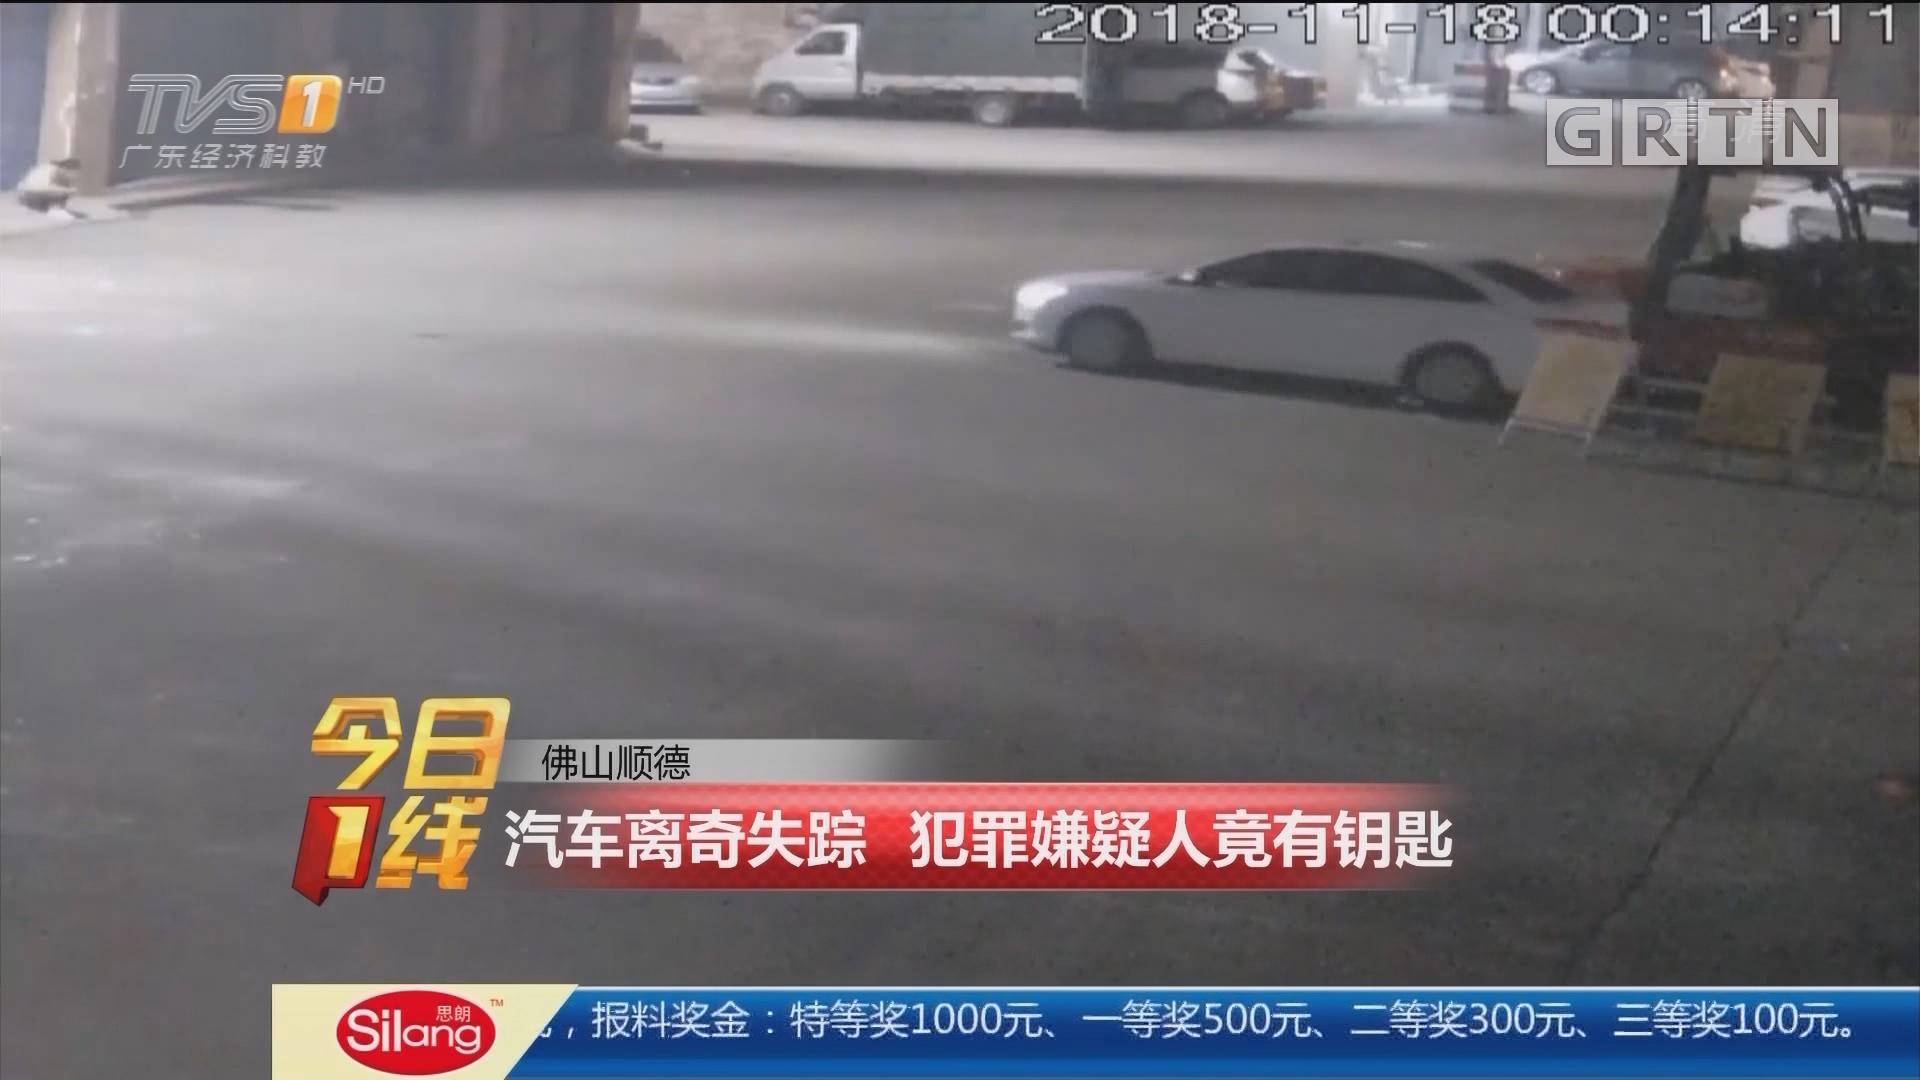 佛山顺德:汽车离奇失踪 犯罪嫌疑人竟有钥匙